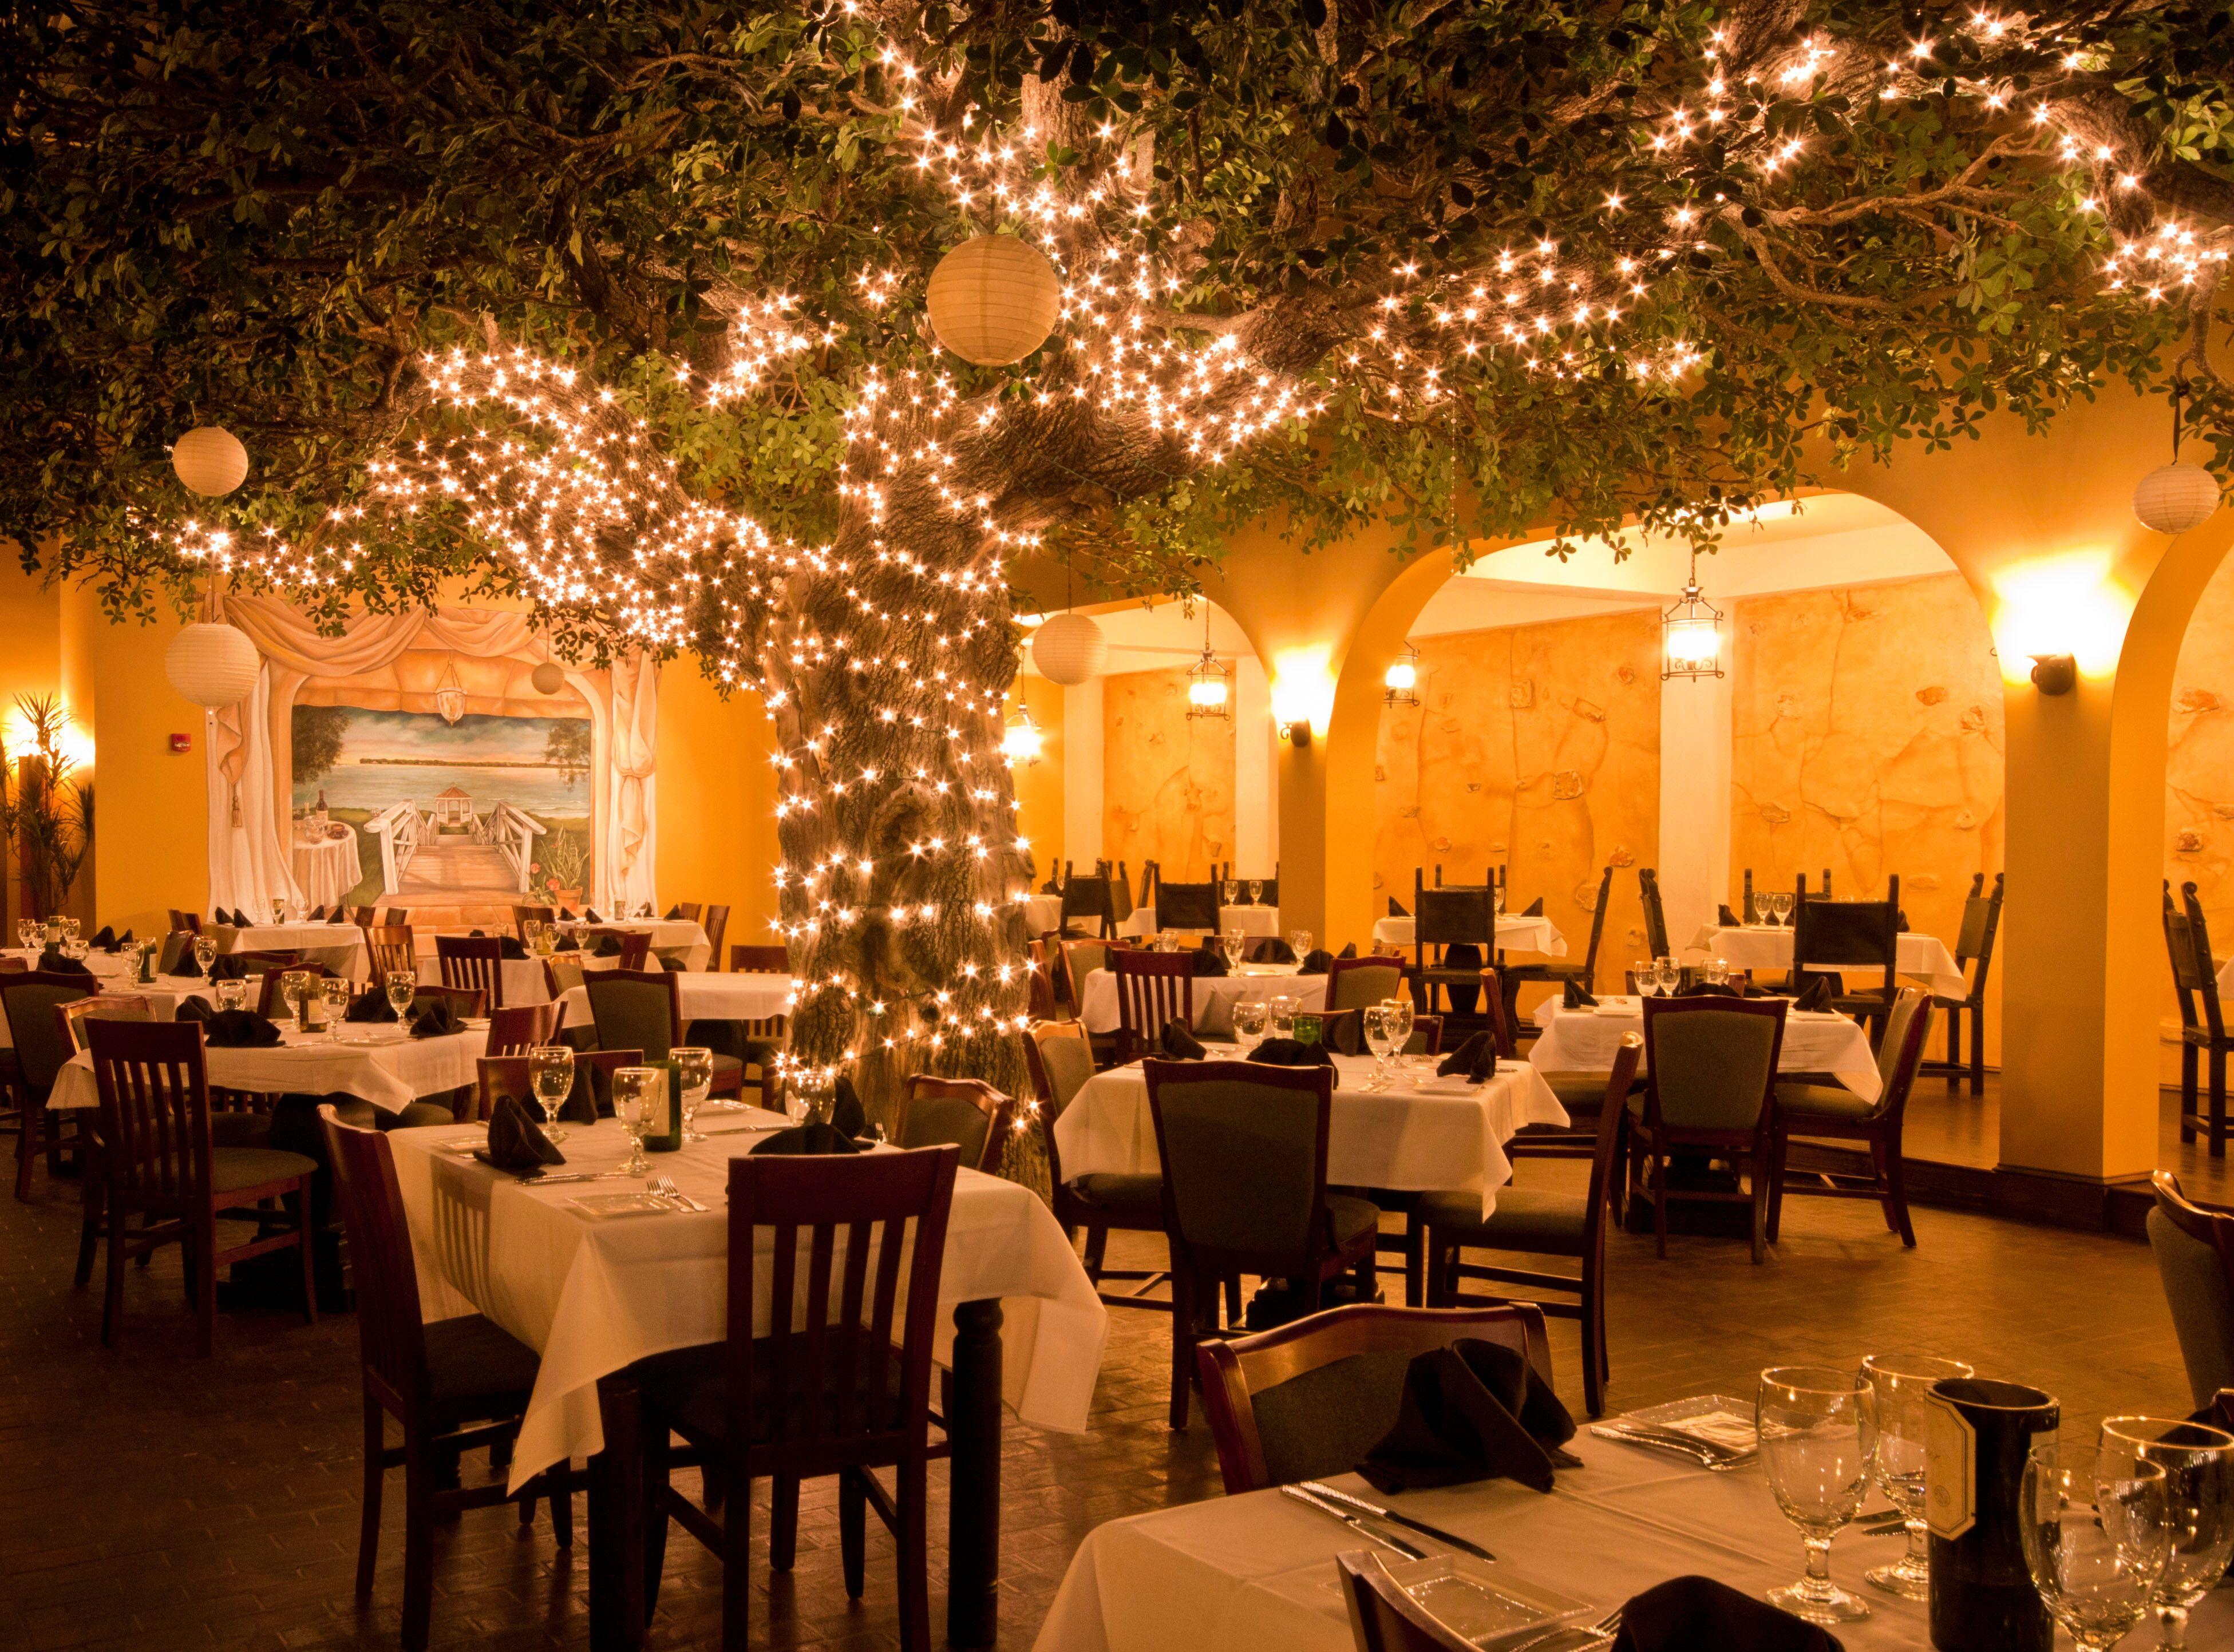 Top  Romantic Restaurants In Sarasota